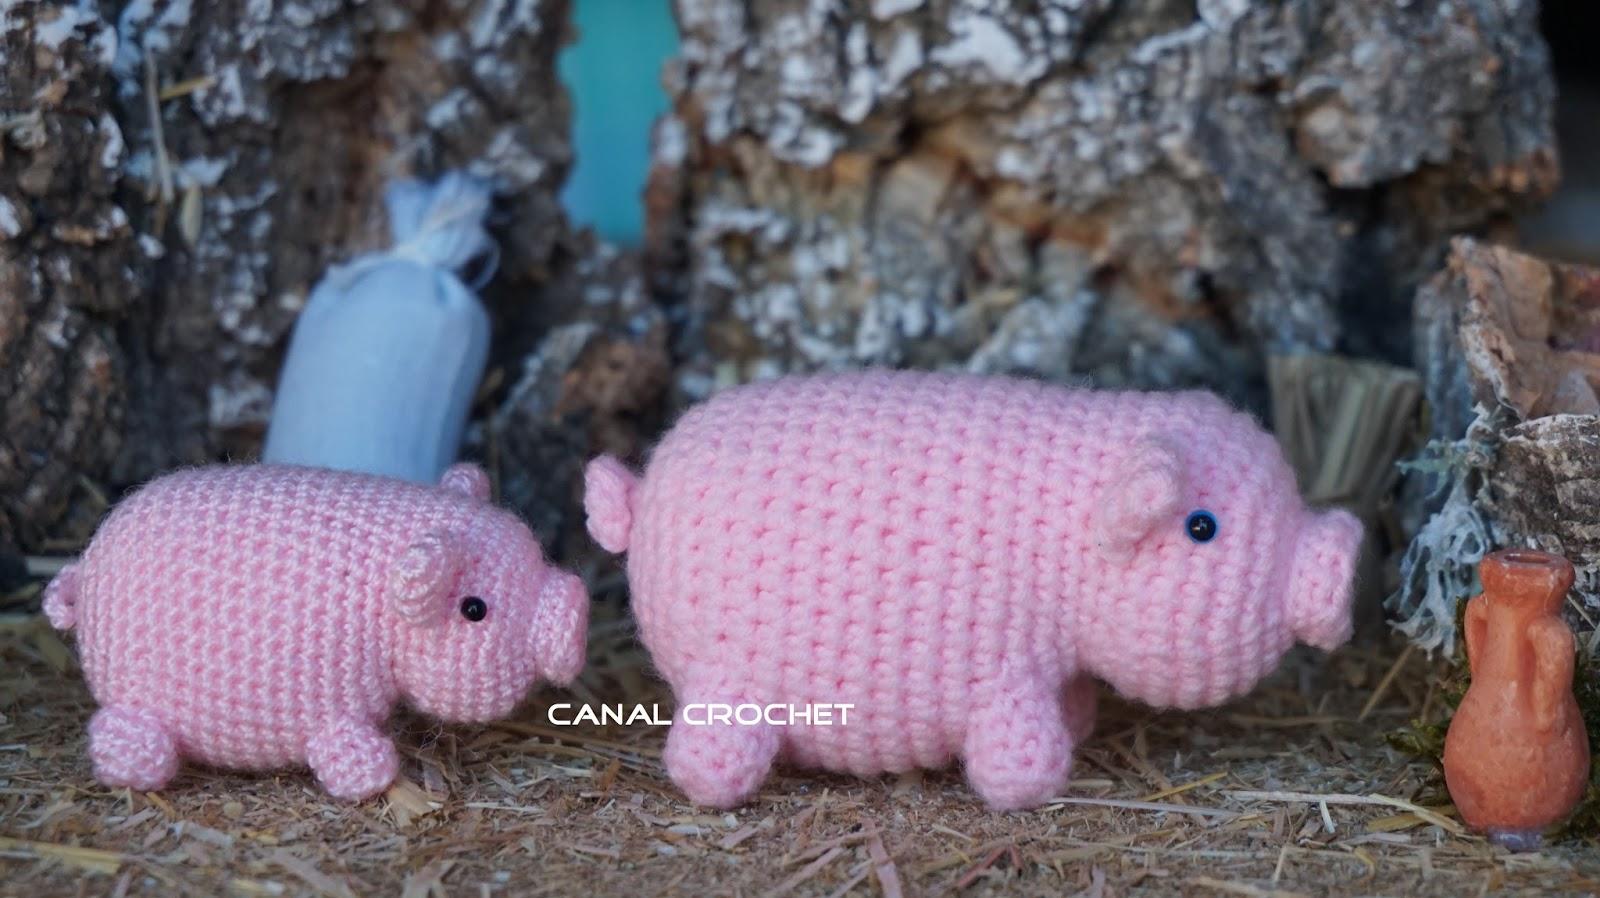 CANAL CROCHET: Cerdo amigurumi patrón libre.